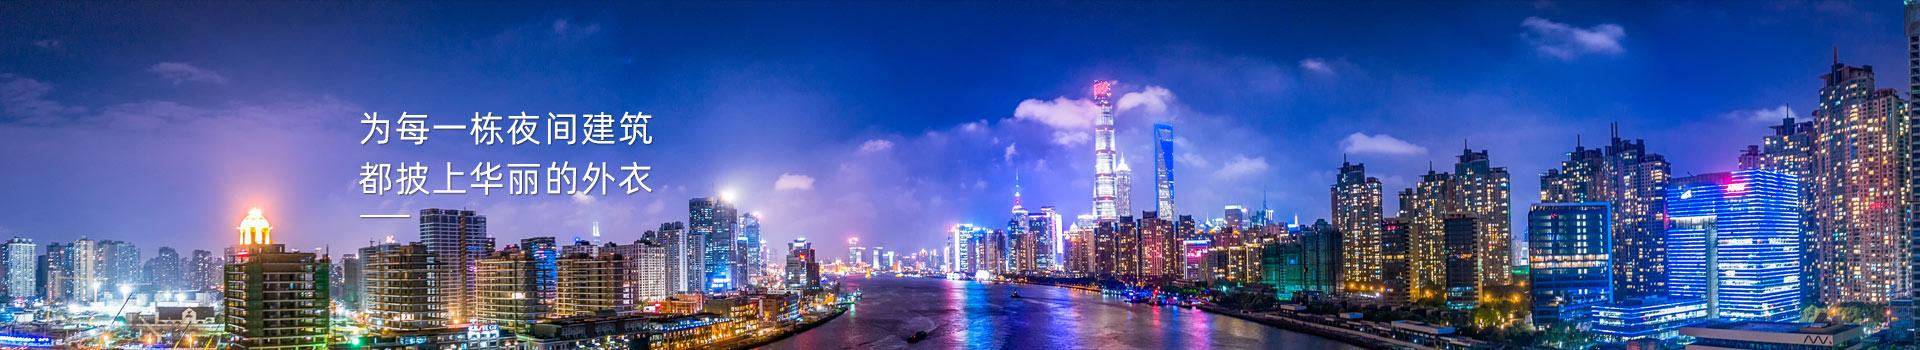 城市建筑夜间亮化工程